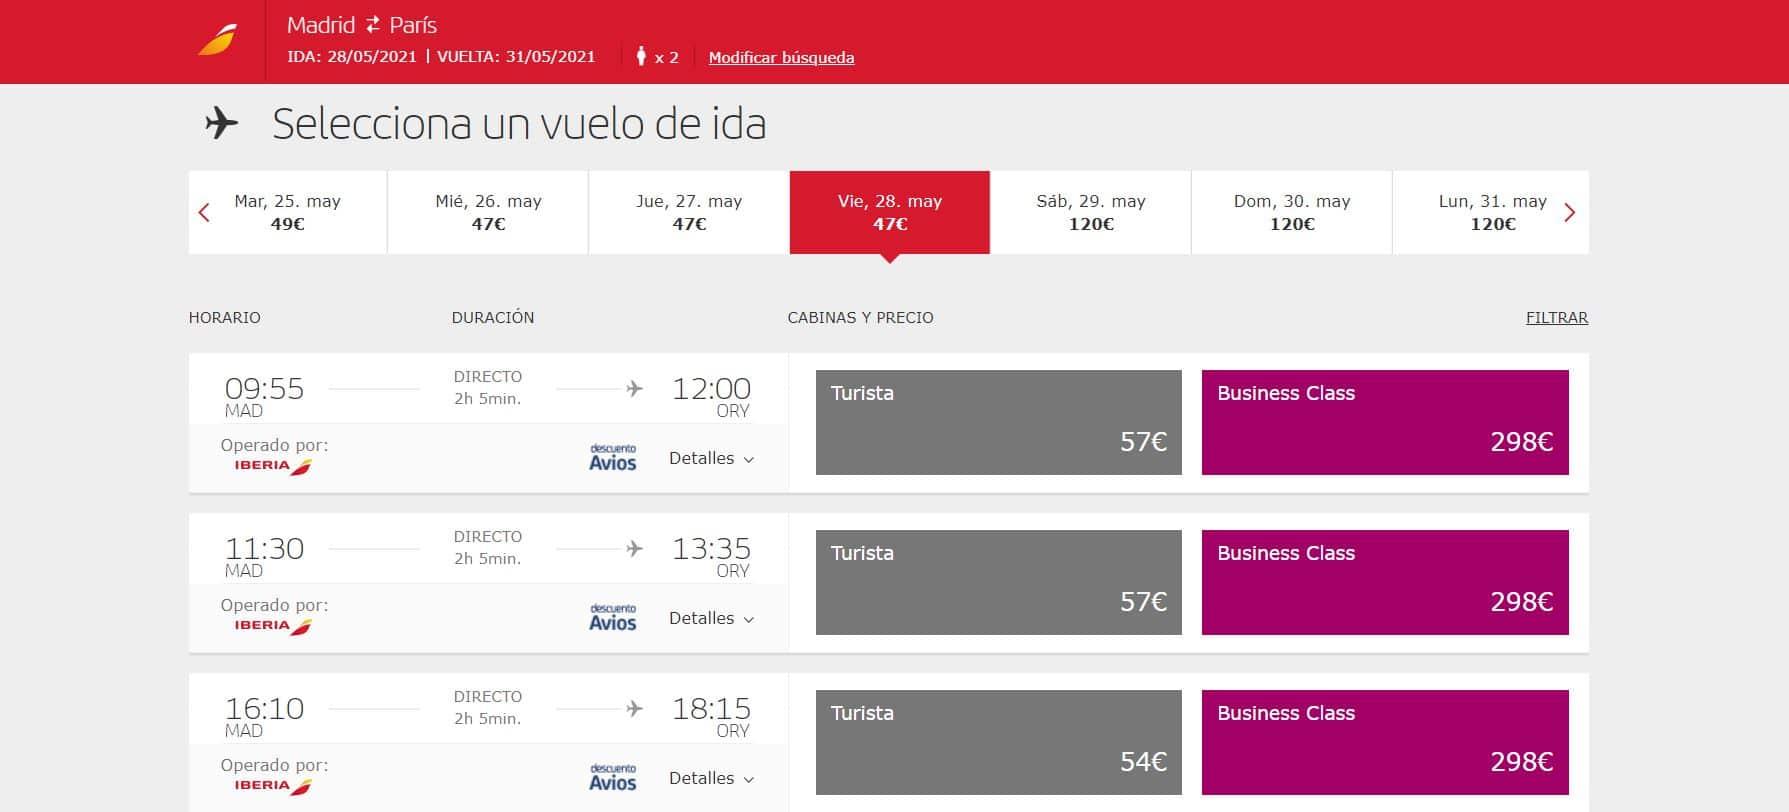 Cómo reservar vuelos en Iberia